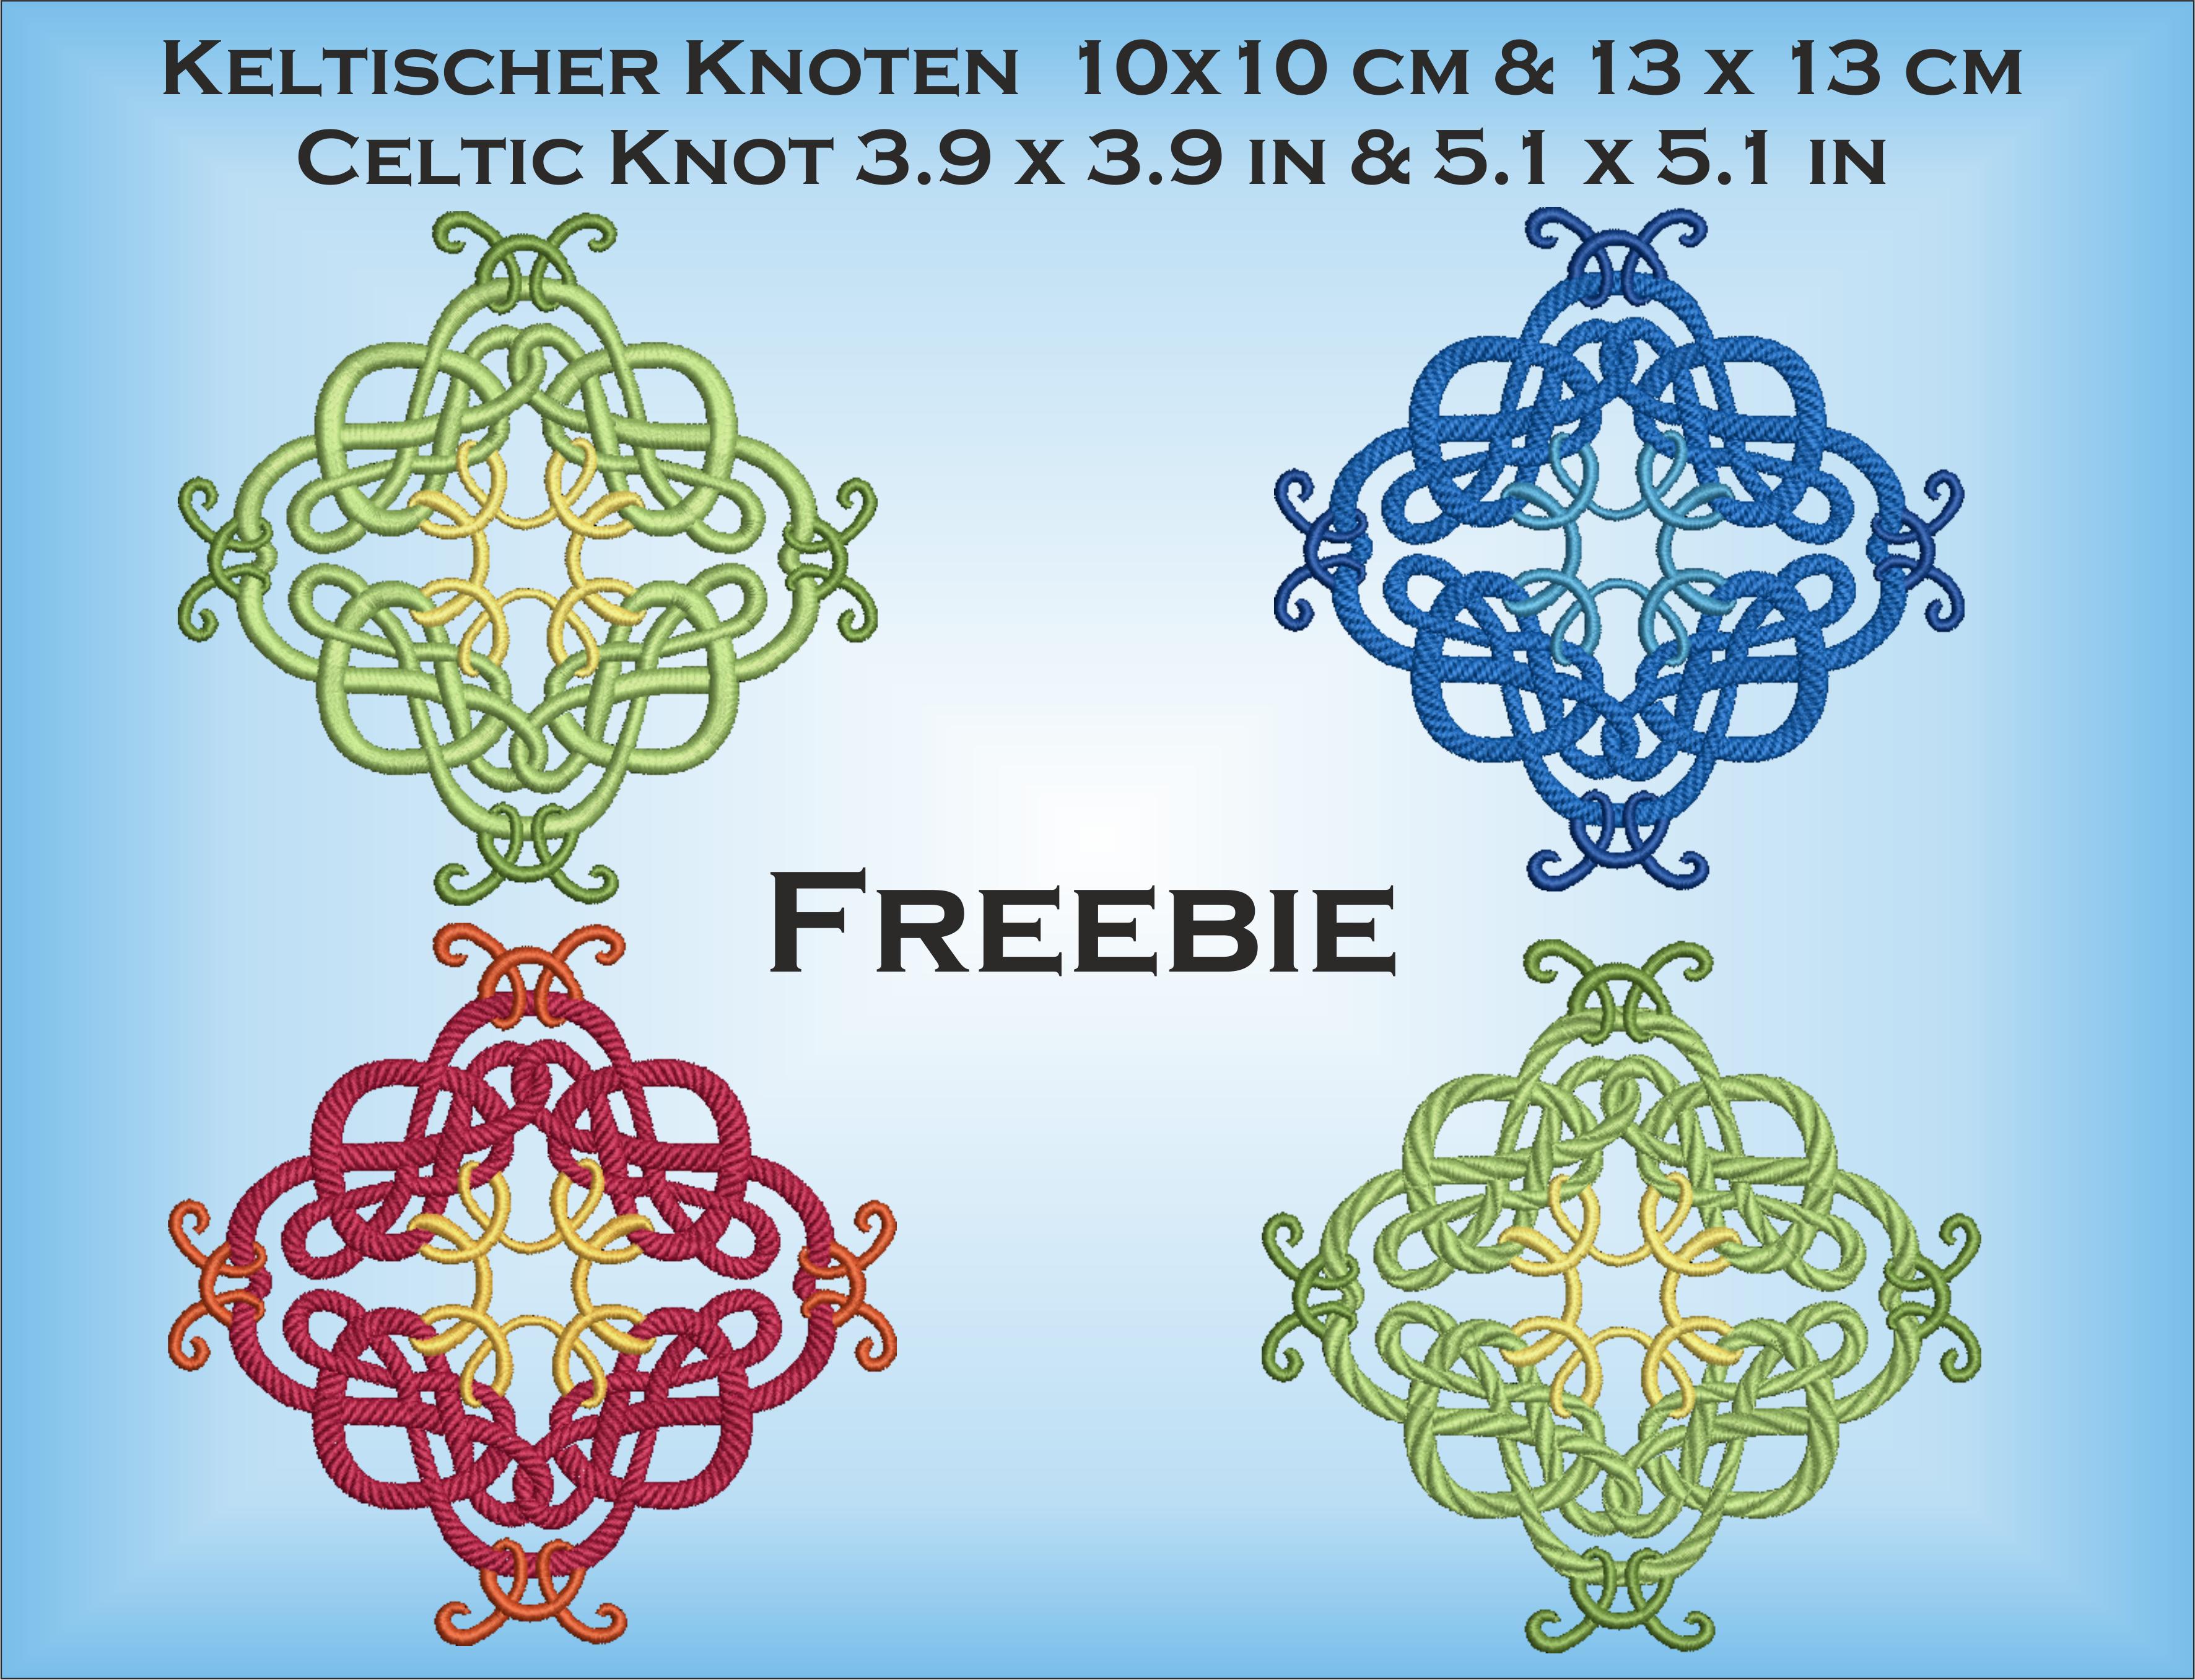 Freebie: Keltischer Knoten 10×10 und 13×13